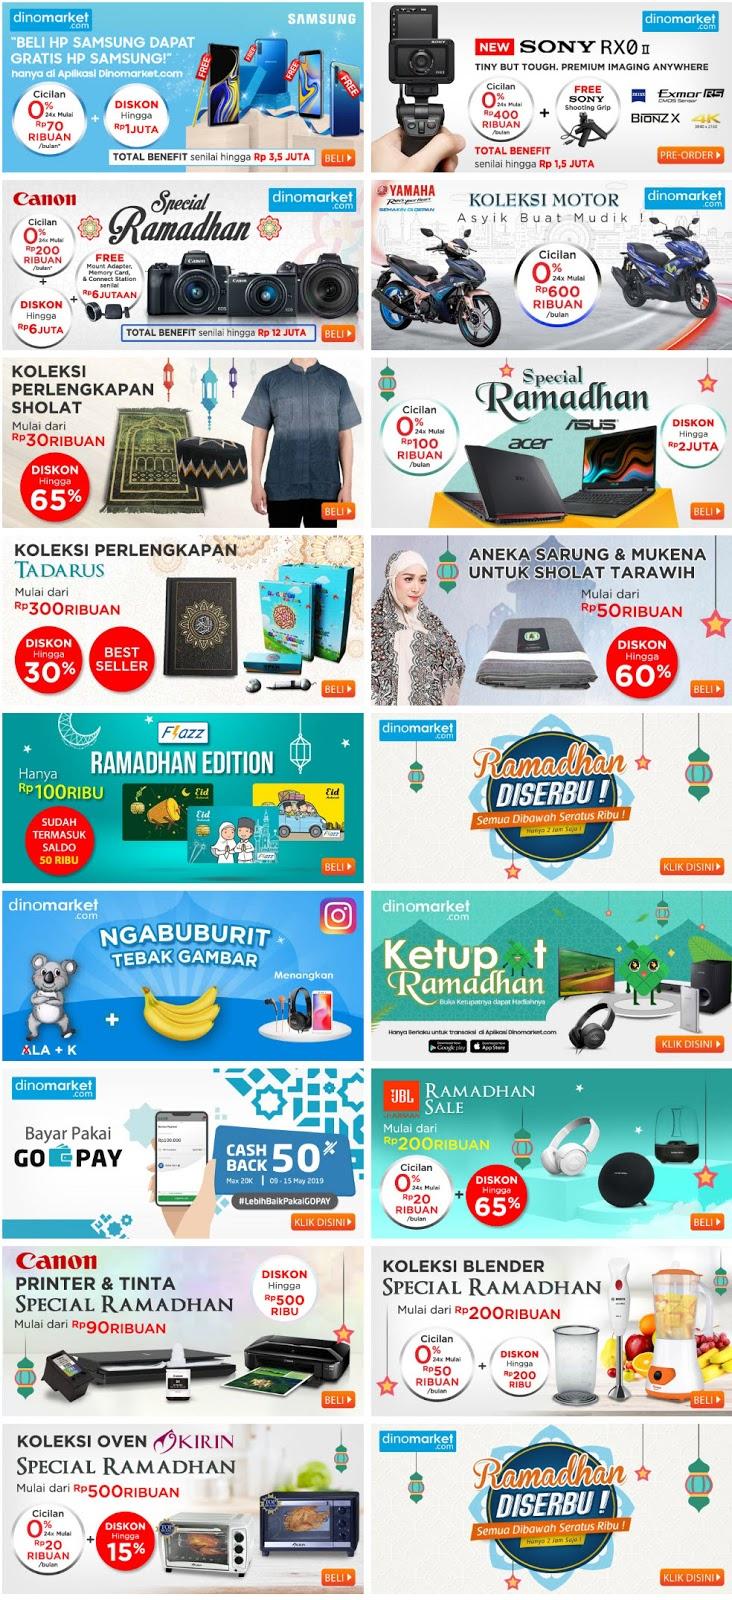 #DinoMarket - #Promo #Katalog Pasar Ramadhan 2019